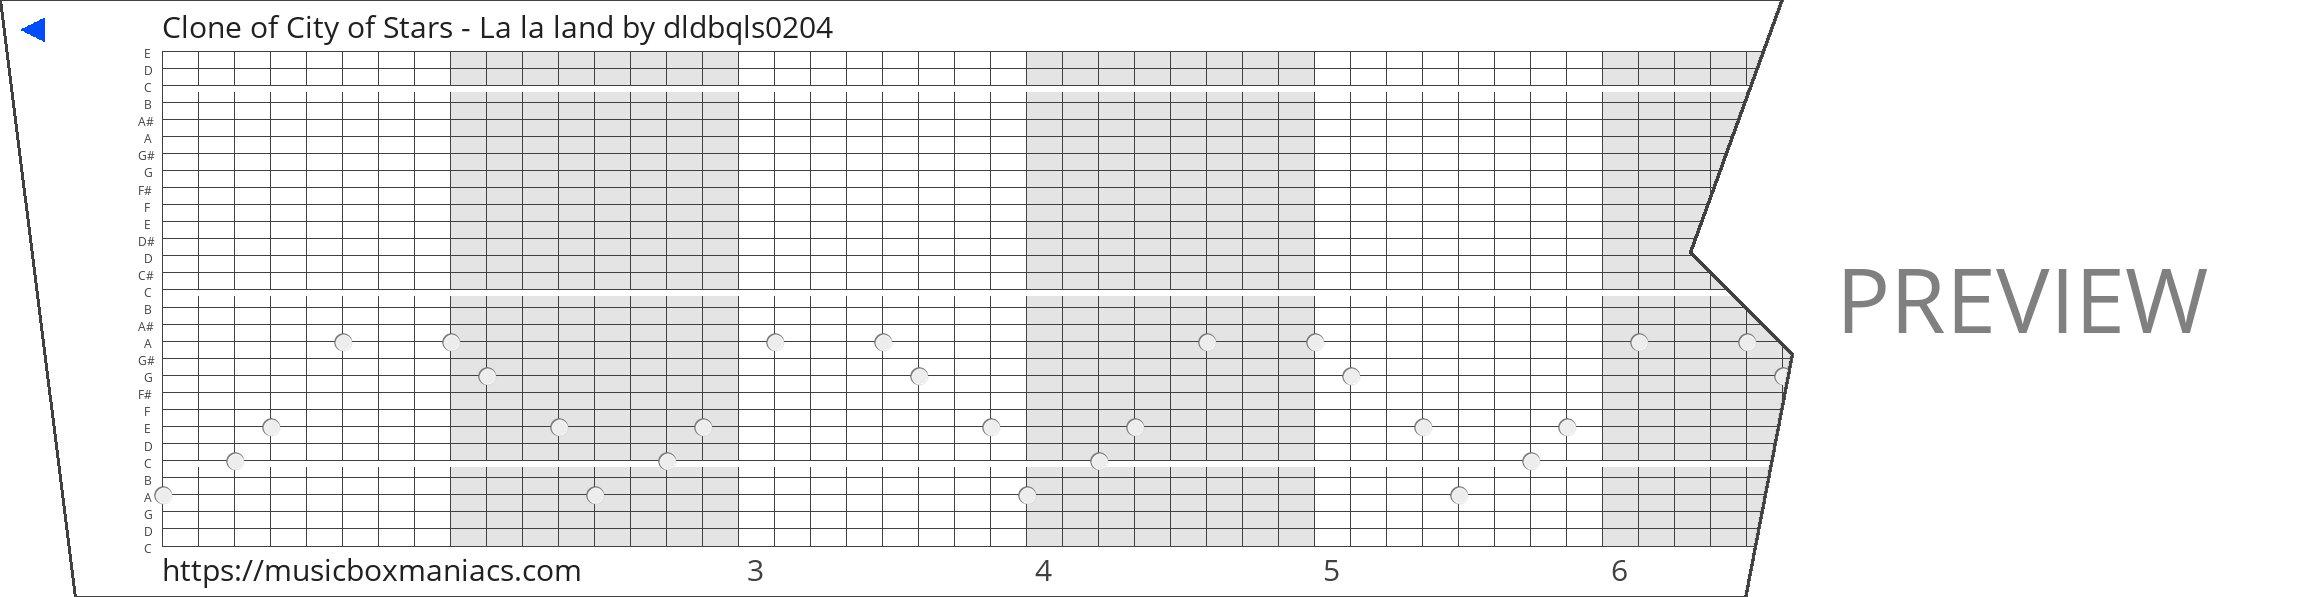 Clone of City of Stars - La la land 30 note music box paper strip